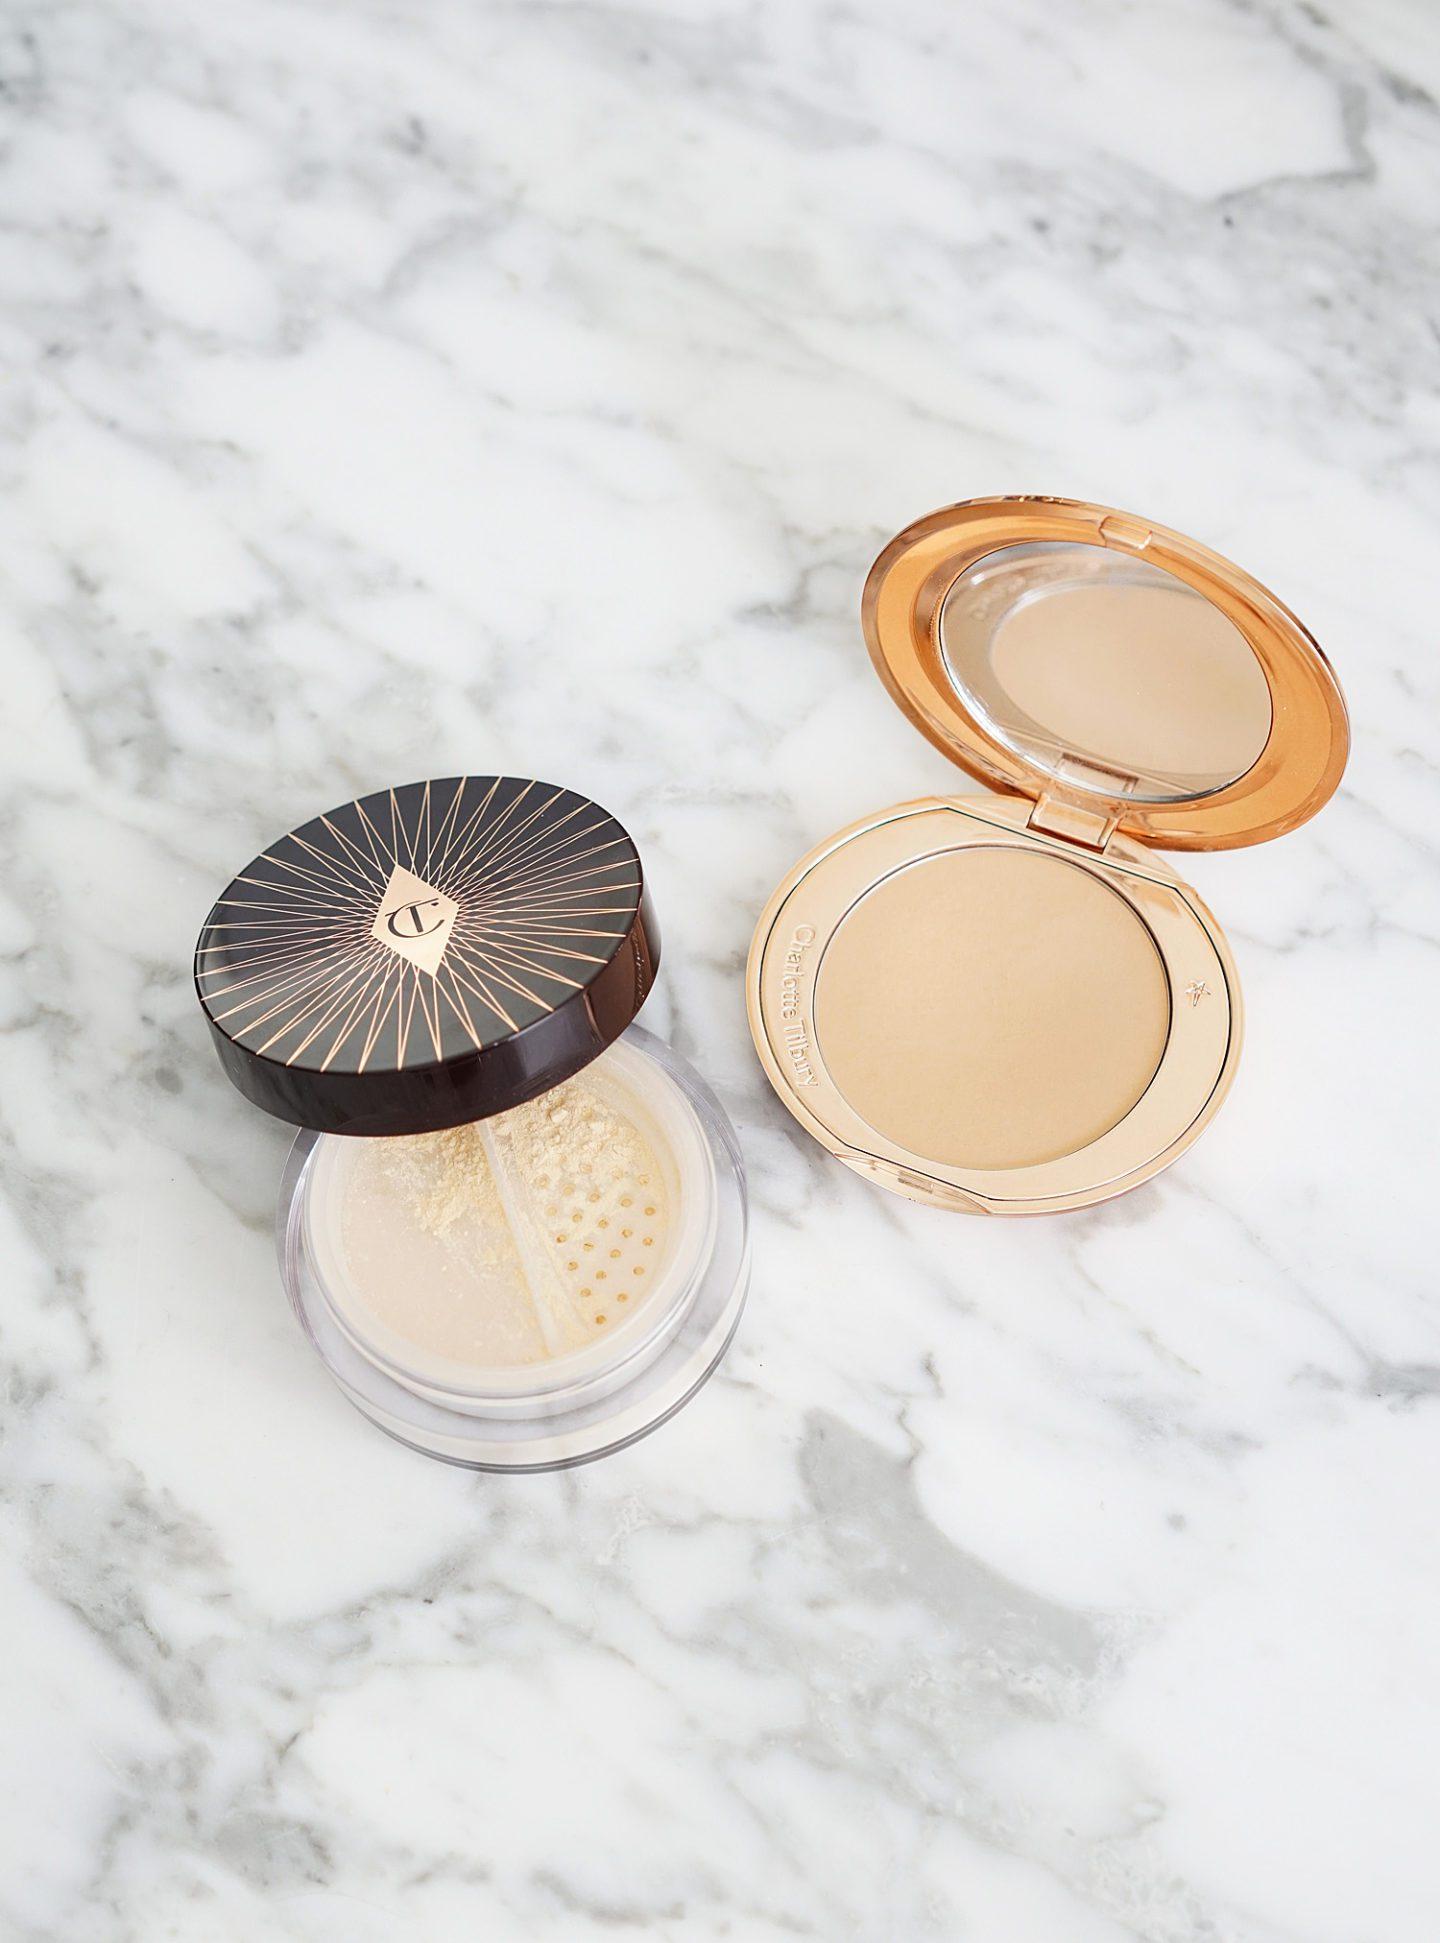 Charlotte Tilbury Magic Powder vs Flawless Pressed Shade 2